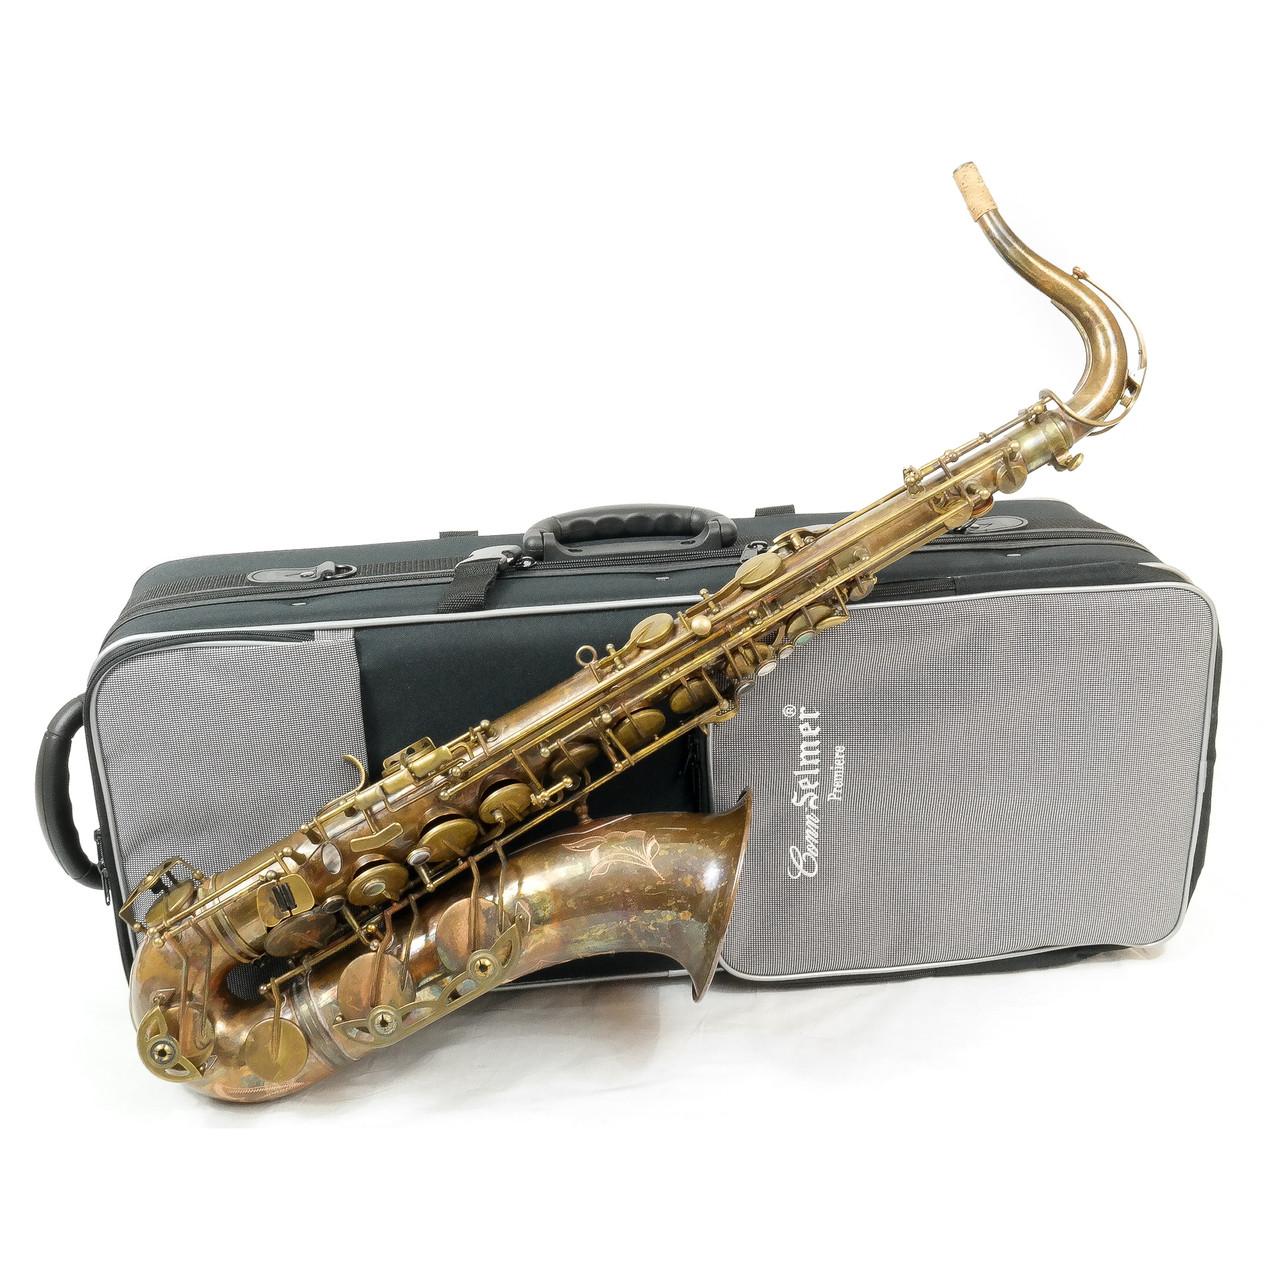 conn selmer 380 tenor sax 7